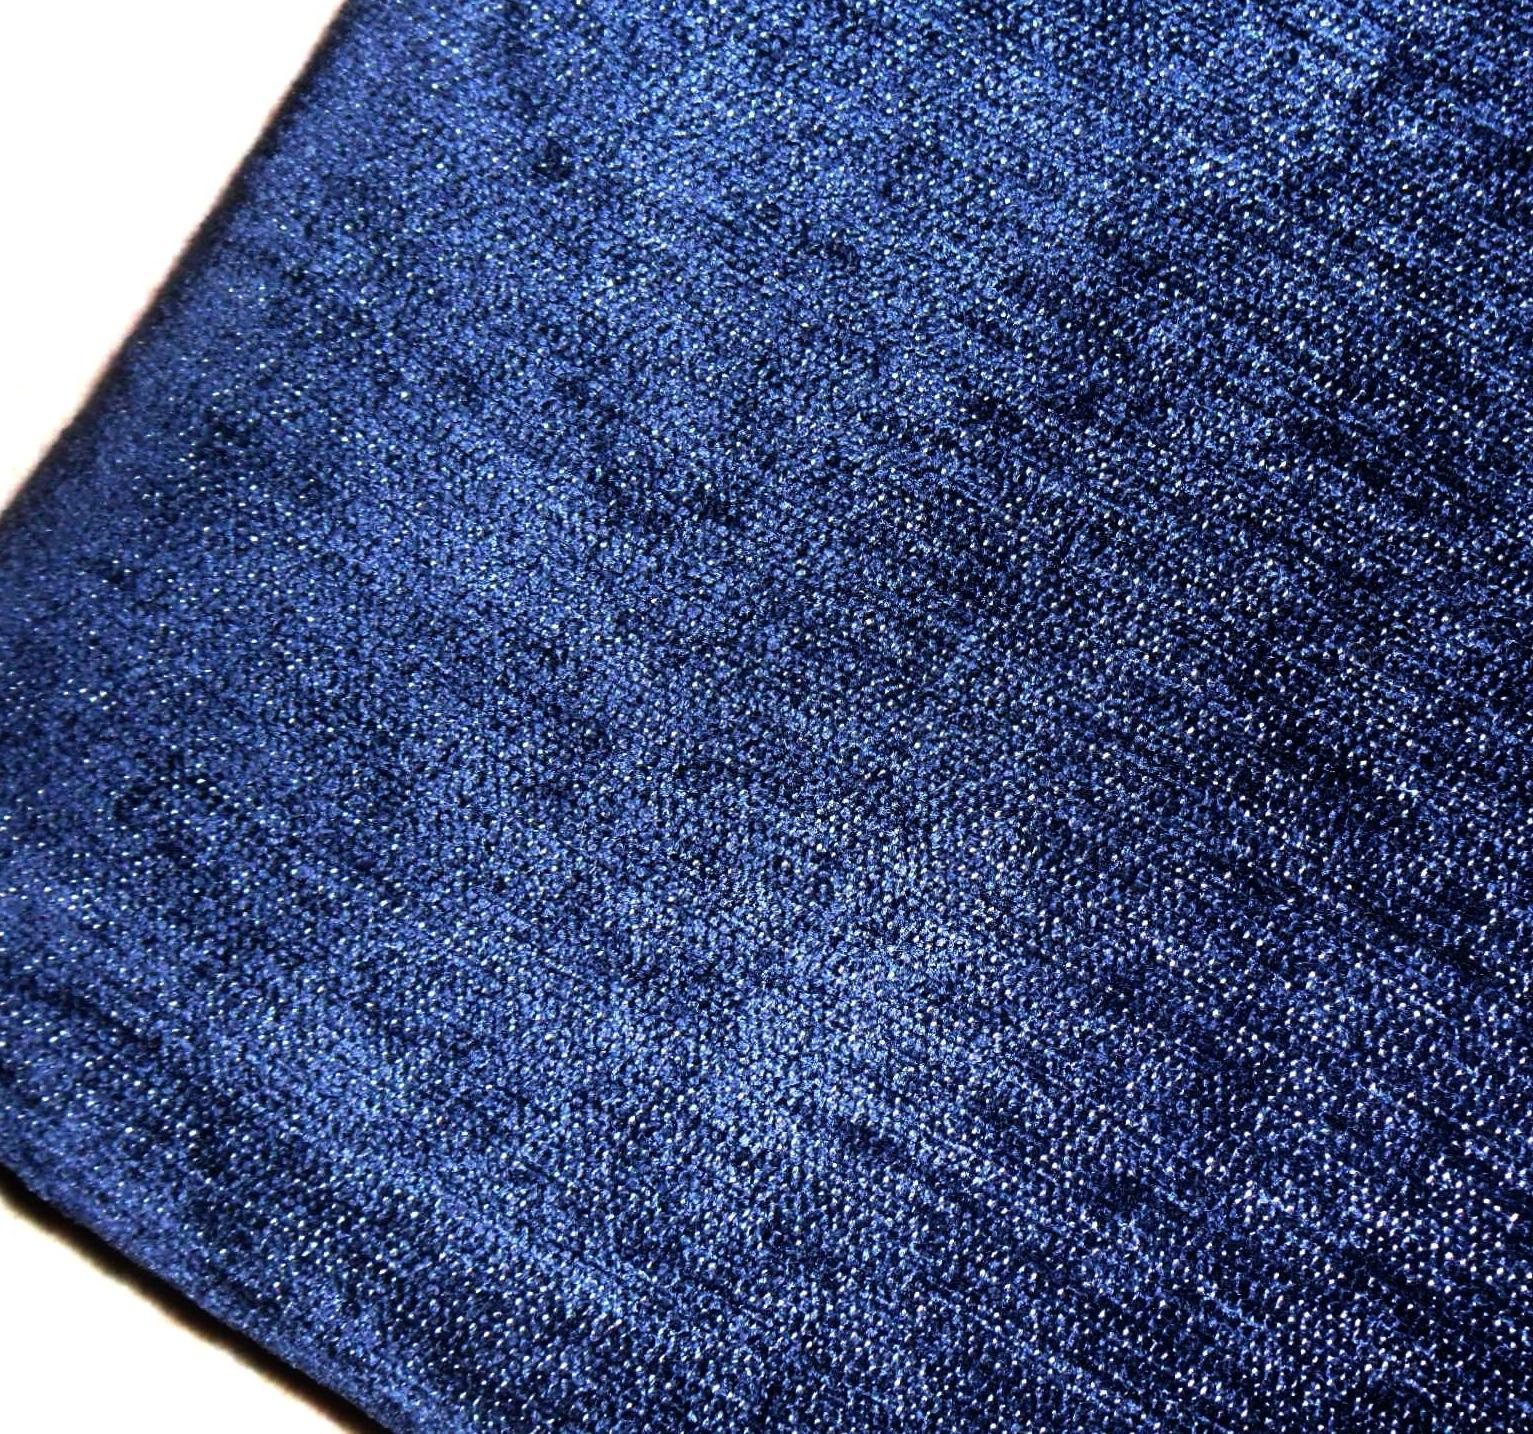 Chenille Throw Blankets For SofaSofas Center 31 Surprising Throw Blankets  For Sofa Photos Design